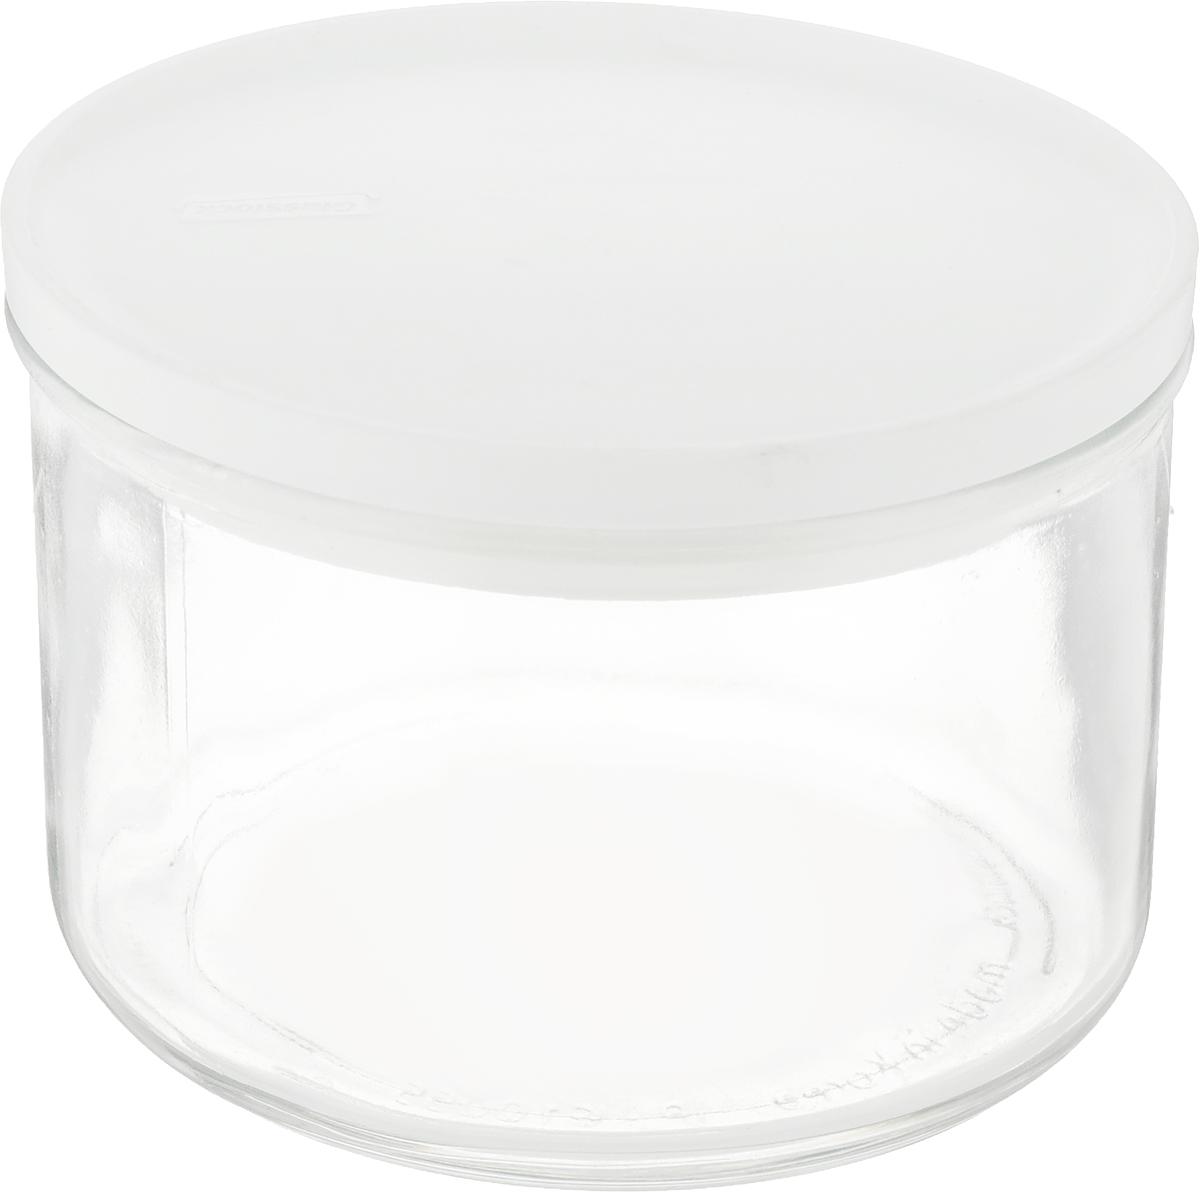 Банка для сыпучих продуктов Glasslock, круглая, цвет: прозрачный, 550 млIP-611Банка Glasslock, выполненная из стекла, отлично подойдет для хранения сыпучих продуктов. Пластиковая крышка с силиконовой прослойкой плотно закрывается с помощью 4 защелок, дольше сохраняя свежесть продуктов. Изделие устойчиво к внешним воздействиям, не пропускает влагу, пыль и запахи. Такая банка стильно дополнит интерьер и поможет дольше хранить продукты. Диаметр банки (по верхнему краю): 11 см.Высота банки (с учетом крышки): 8 см.